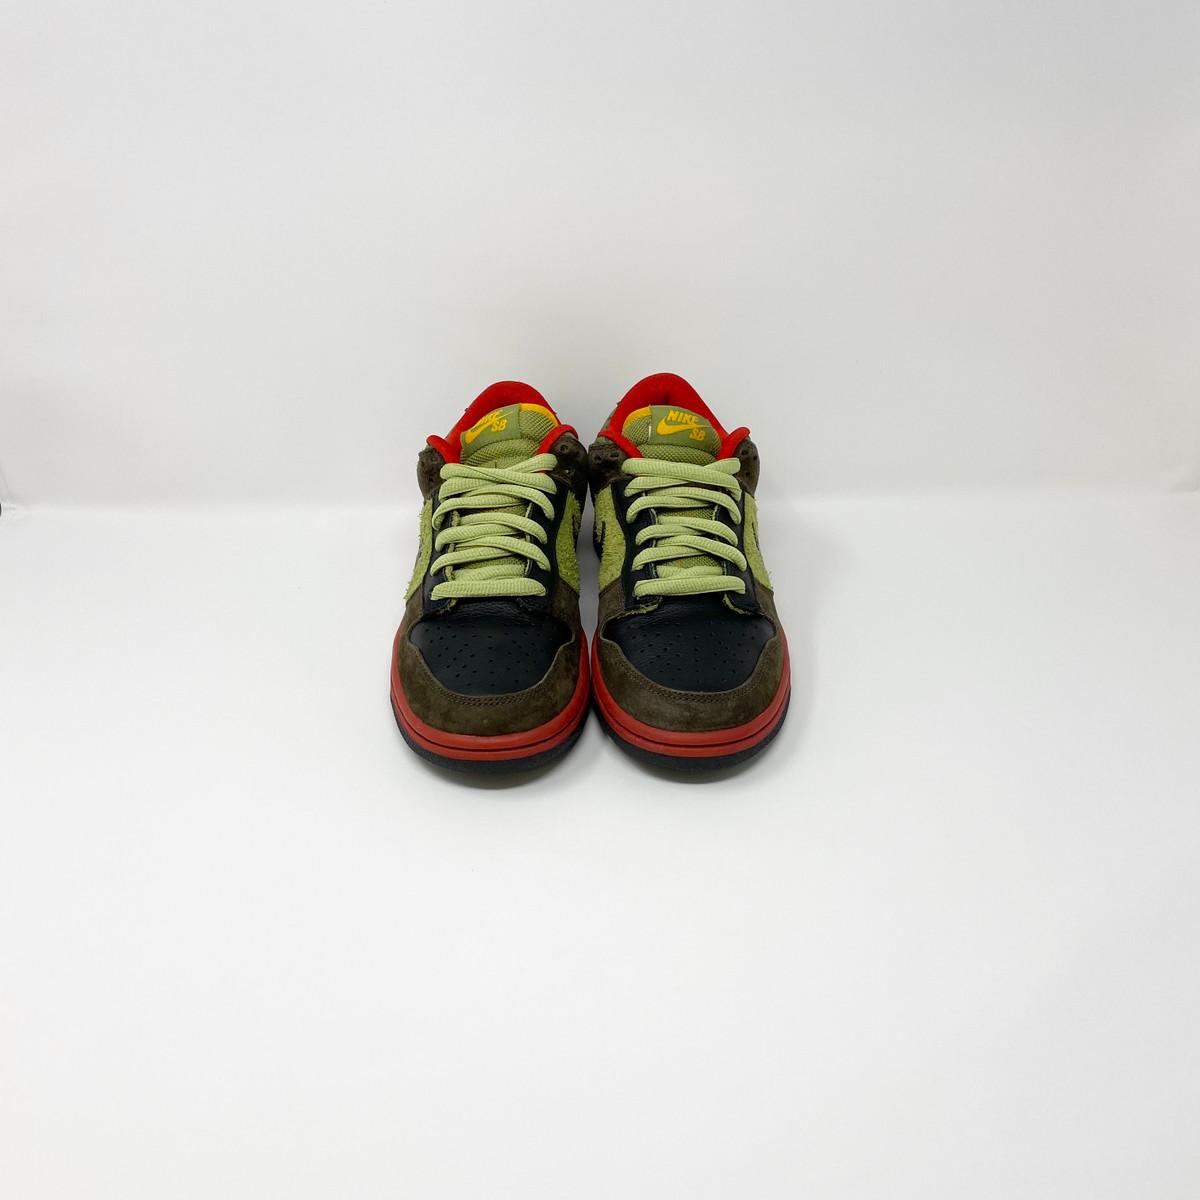 Nike Dunk Low Prem SB Asparagus